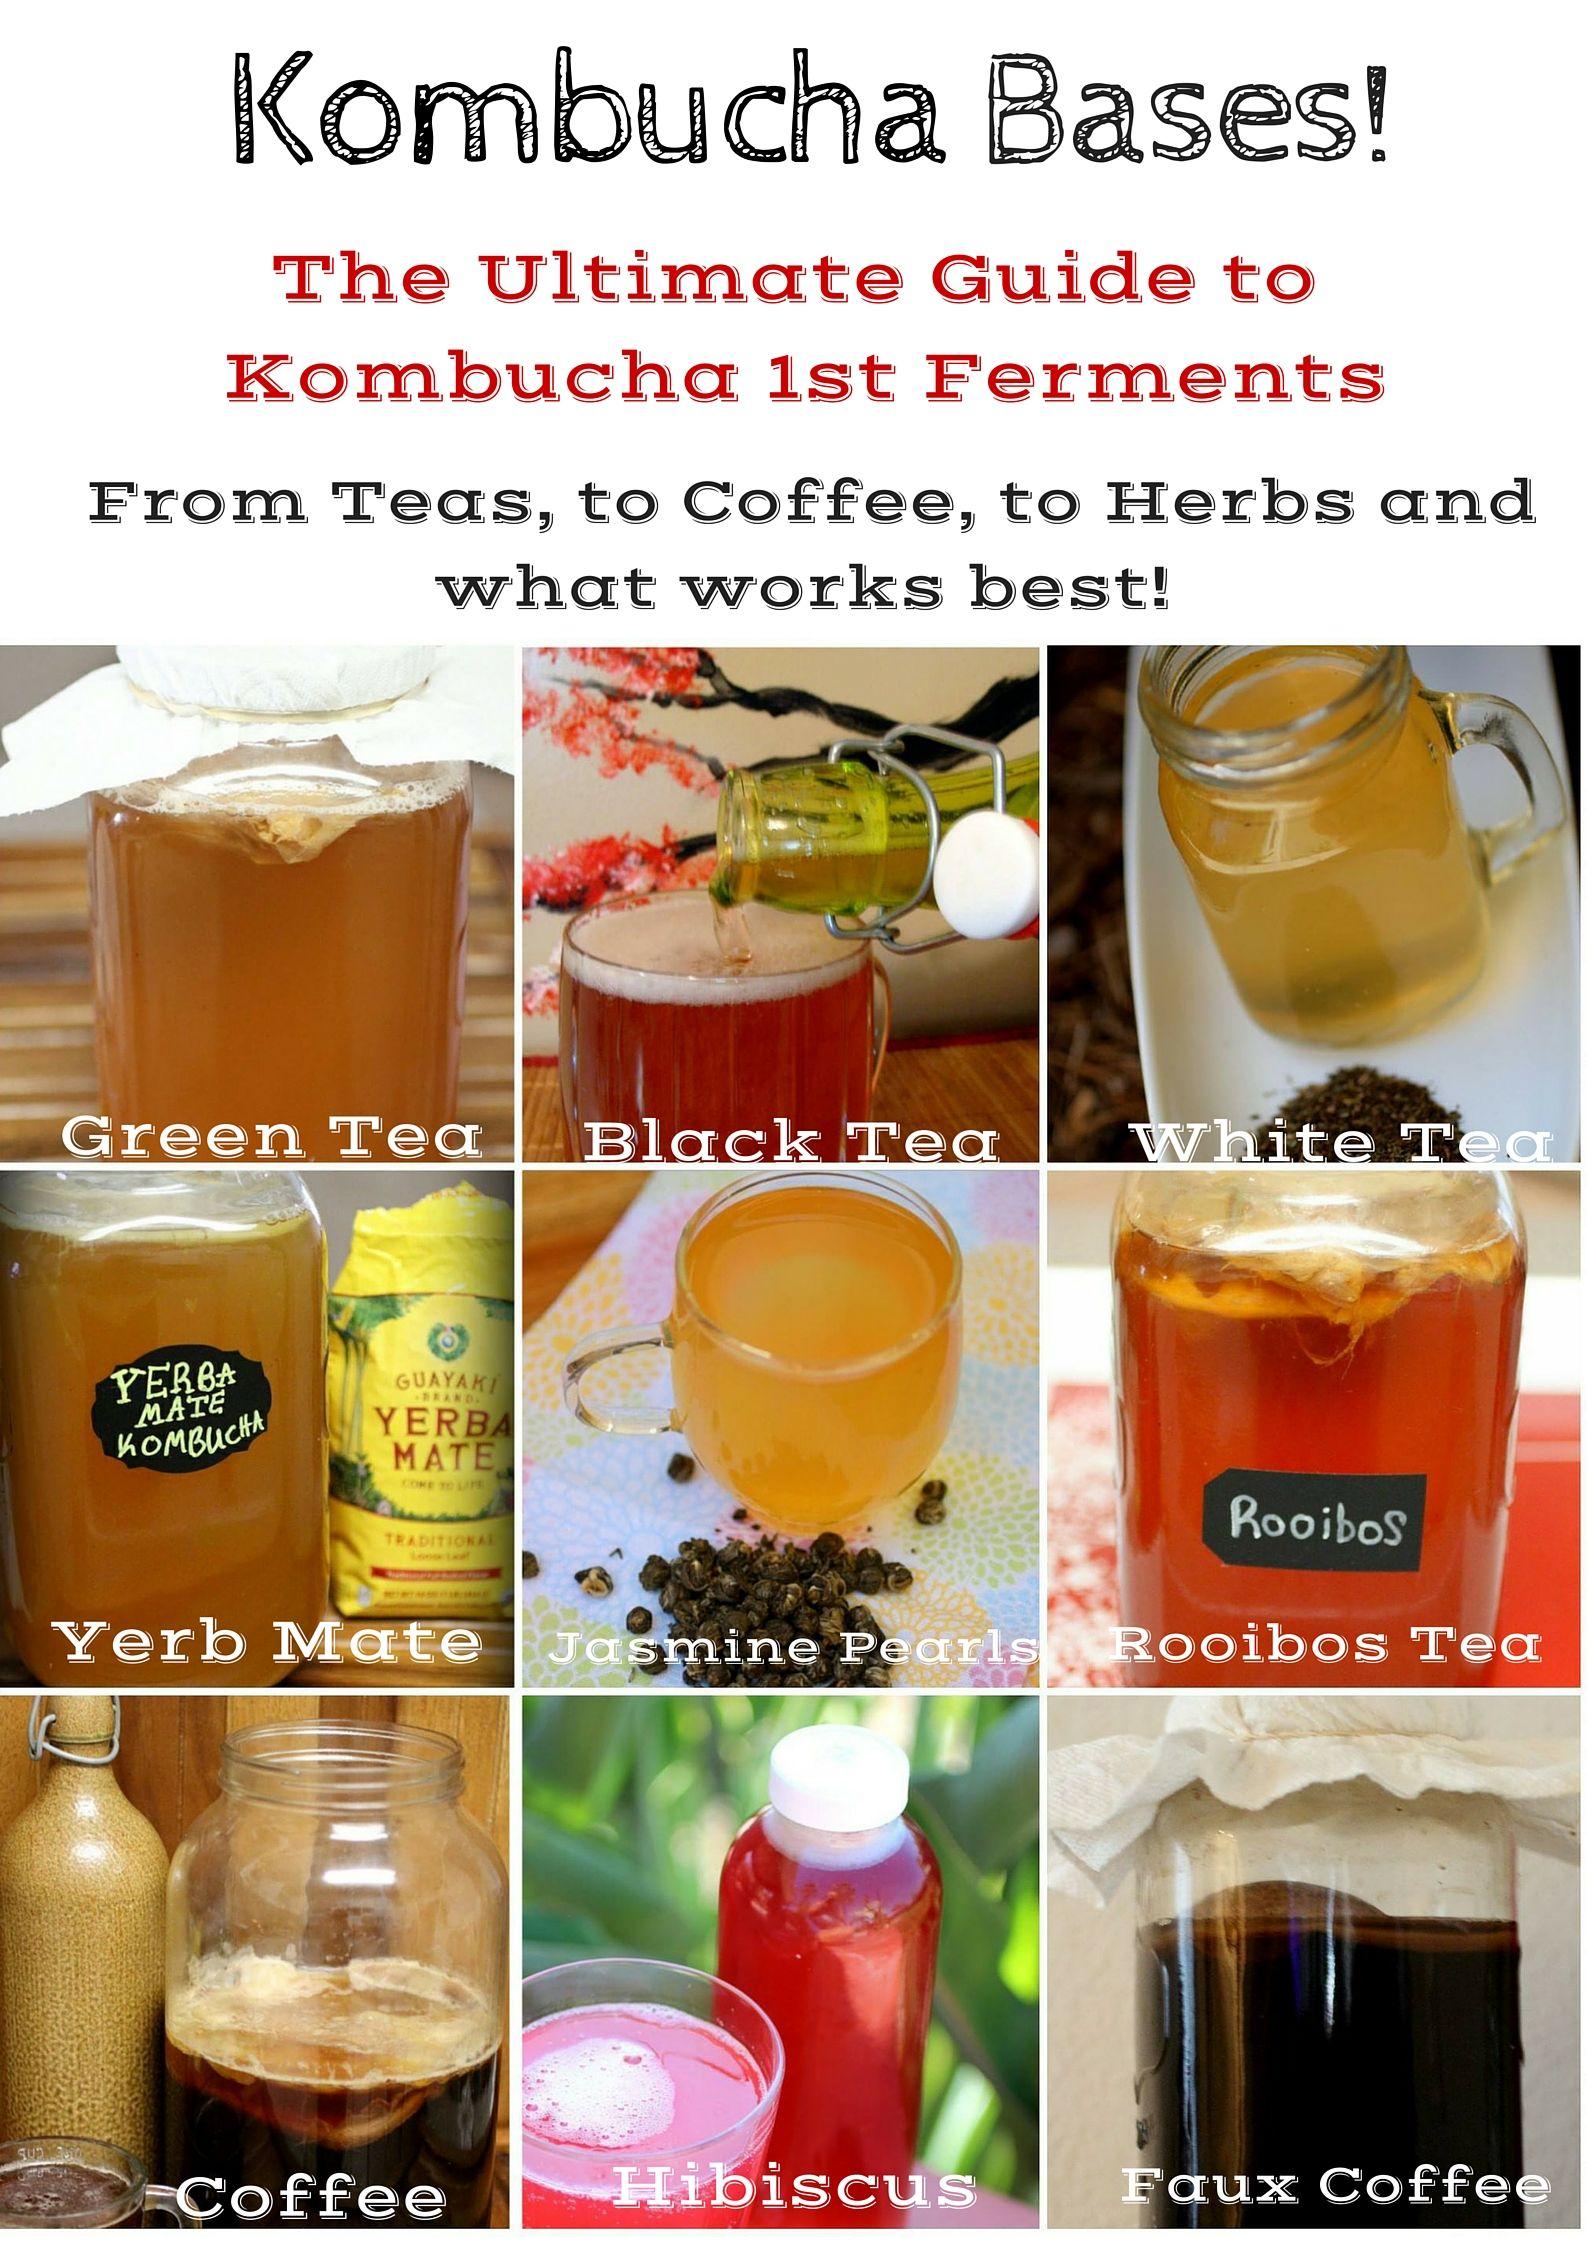 What Kind of Tea Can I Use to Make Kombucha? Kombucha